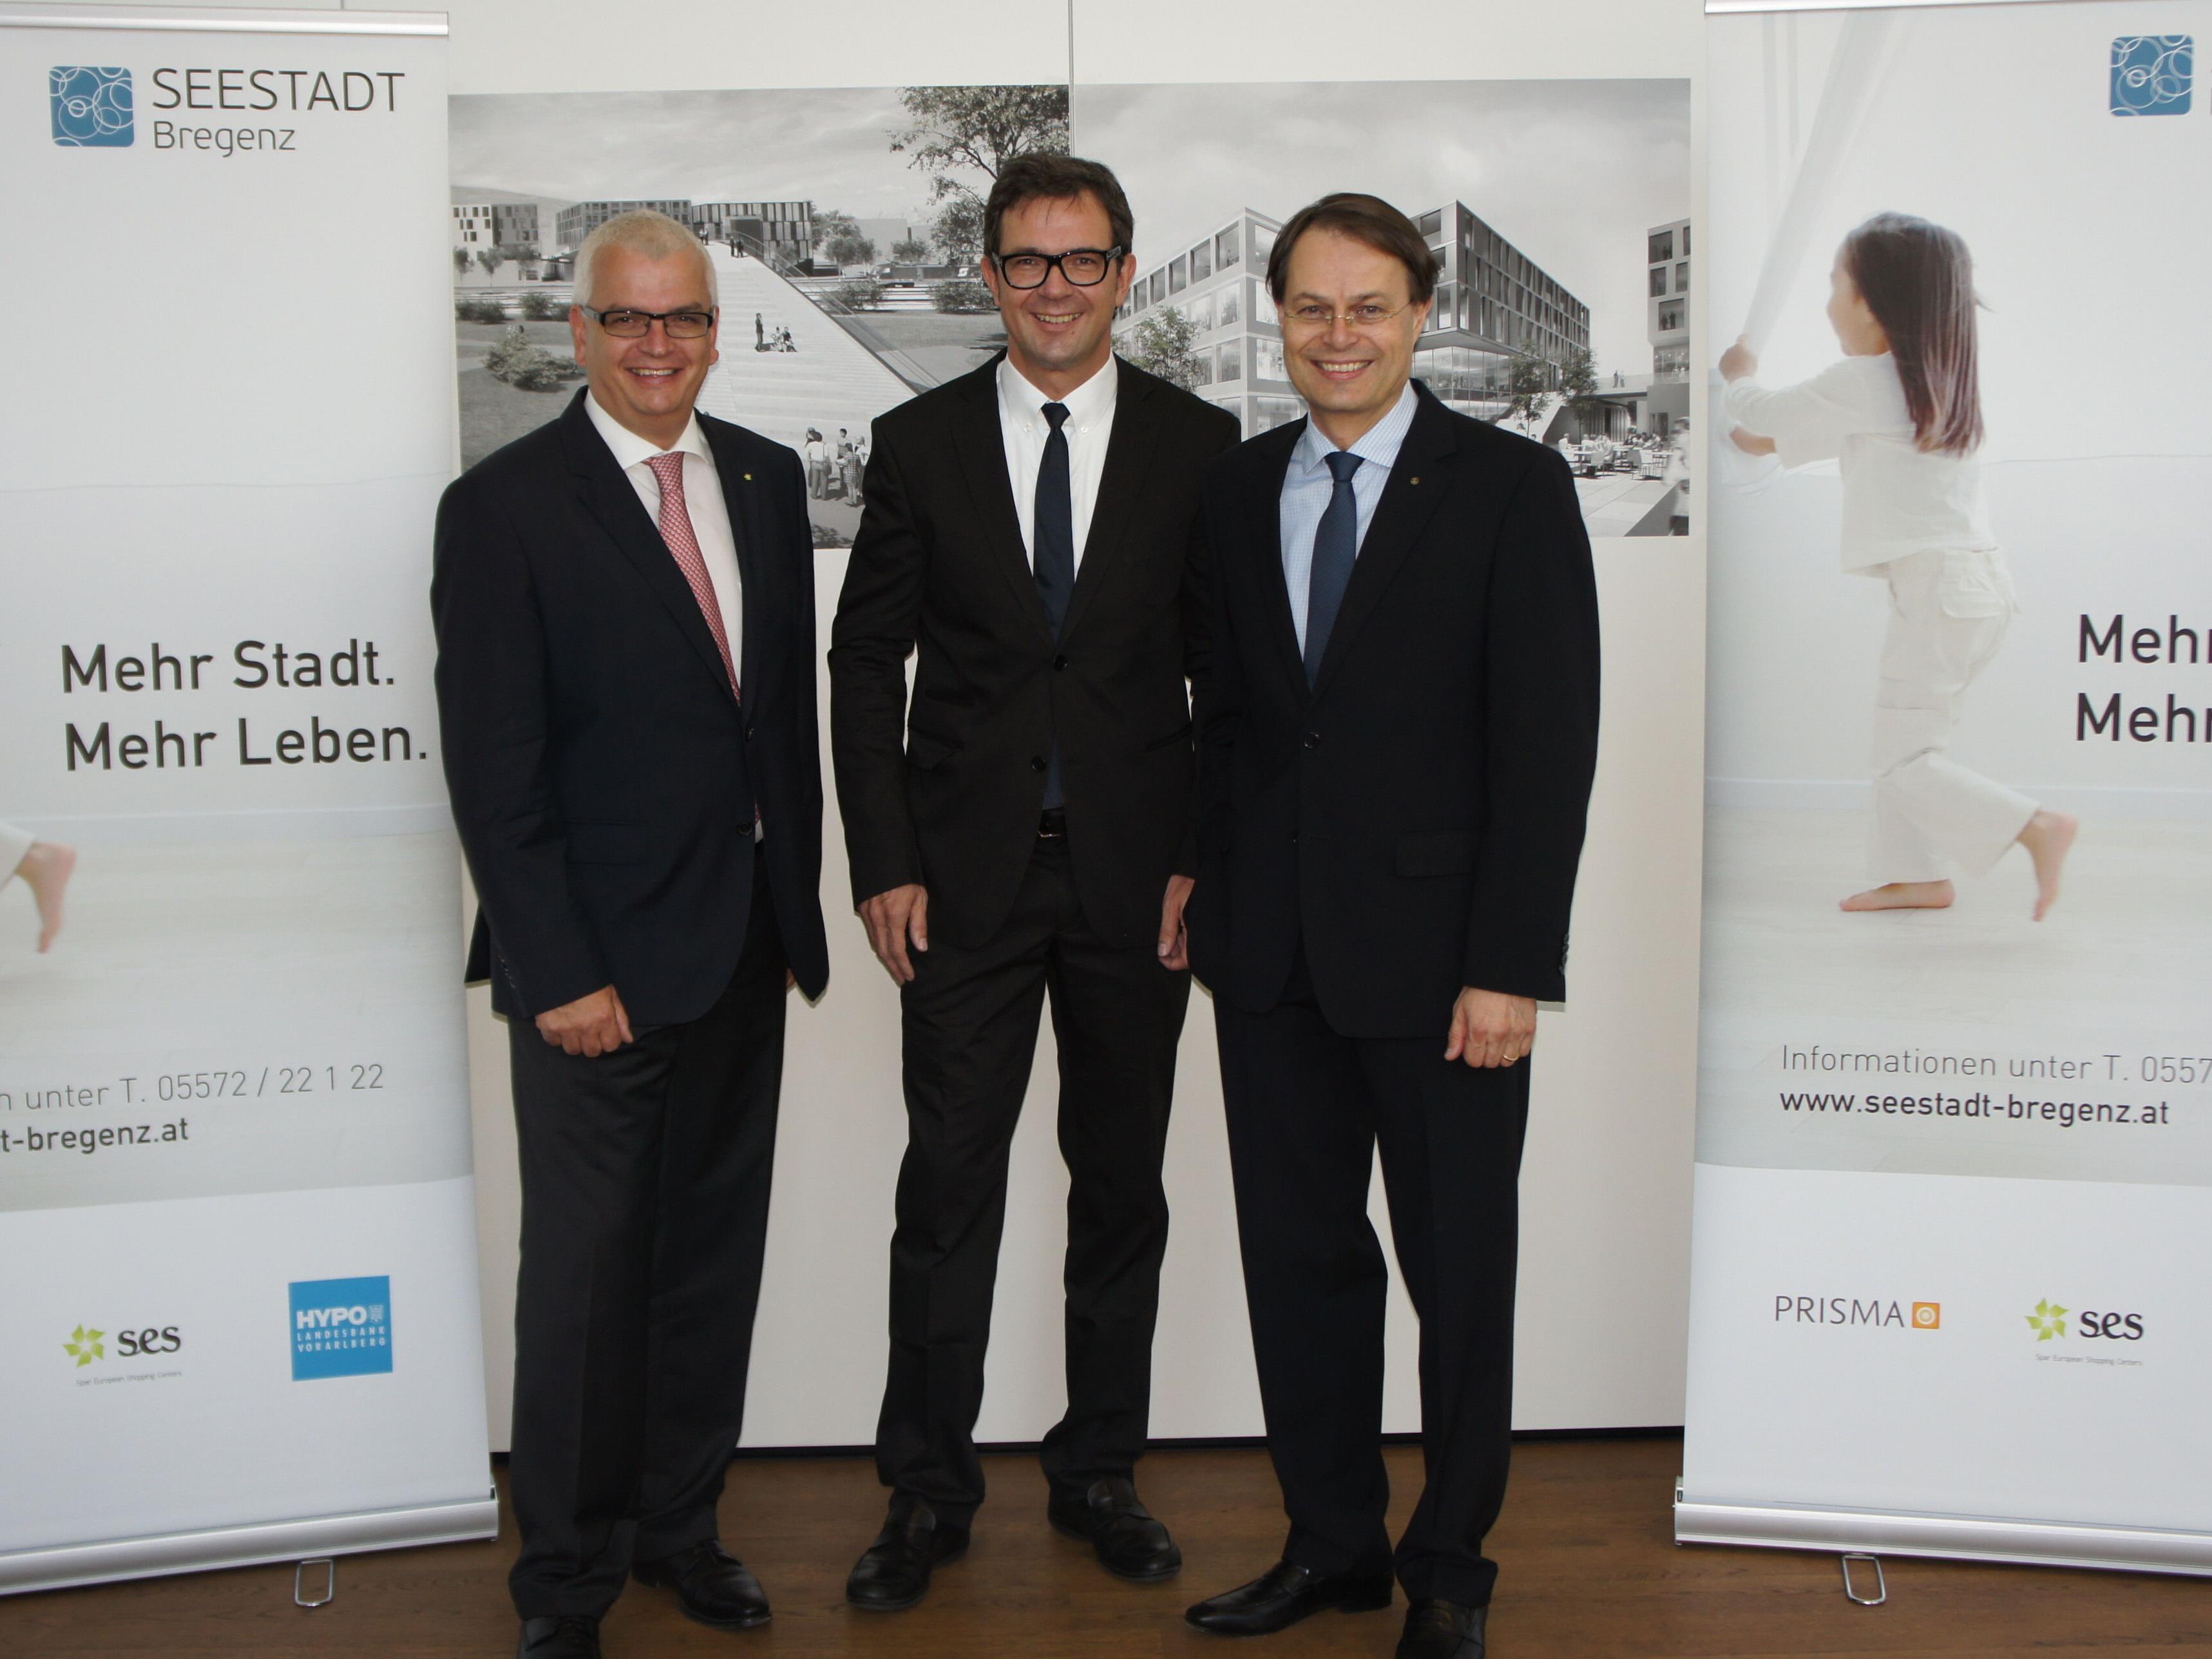 von links nach rechts: Mag. Marcus Wild (Vorsitzender der Geschäftsführung SES Spar European Shopping Centers GmbH), DI Bernhard Ölz (Vorstand PRISMA Unternehmensgruppe), Dr. Gerhard Drexel (Vorstandsvorsitzender SPAR Österreich).